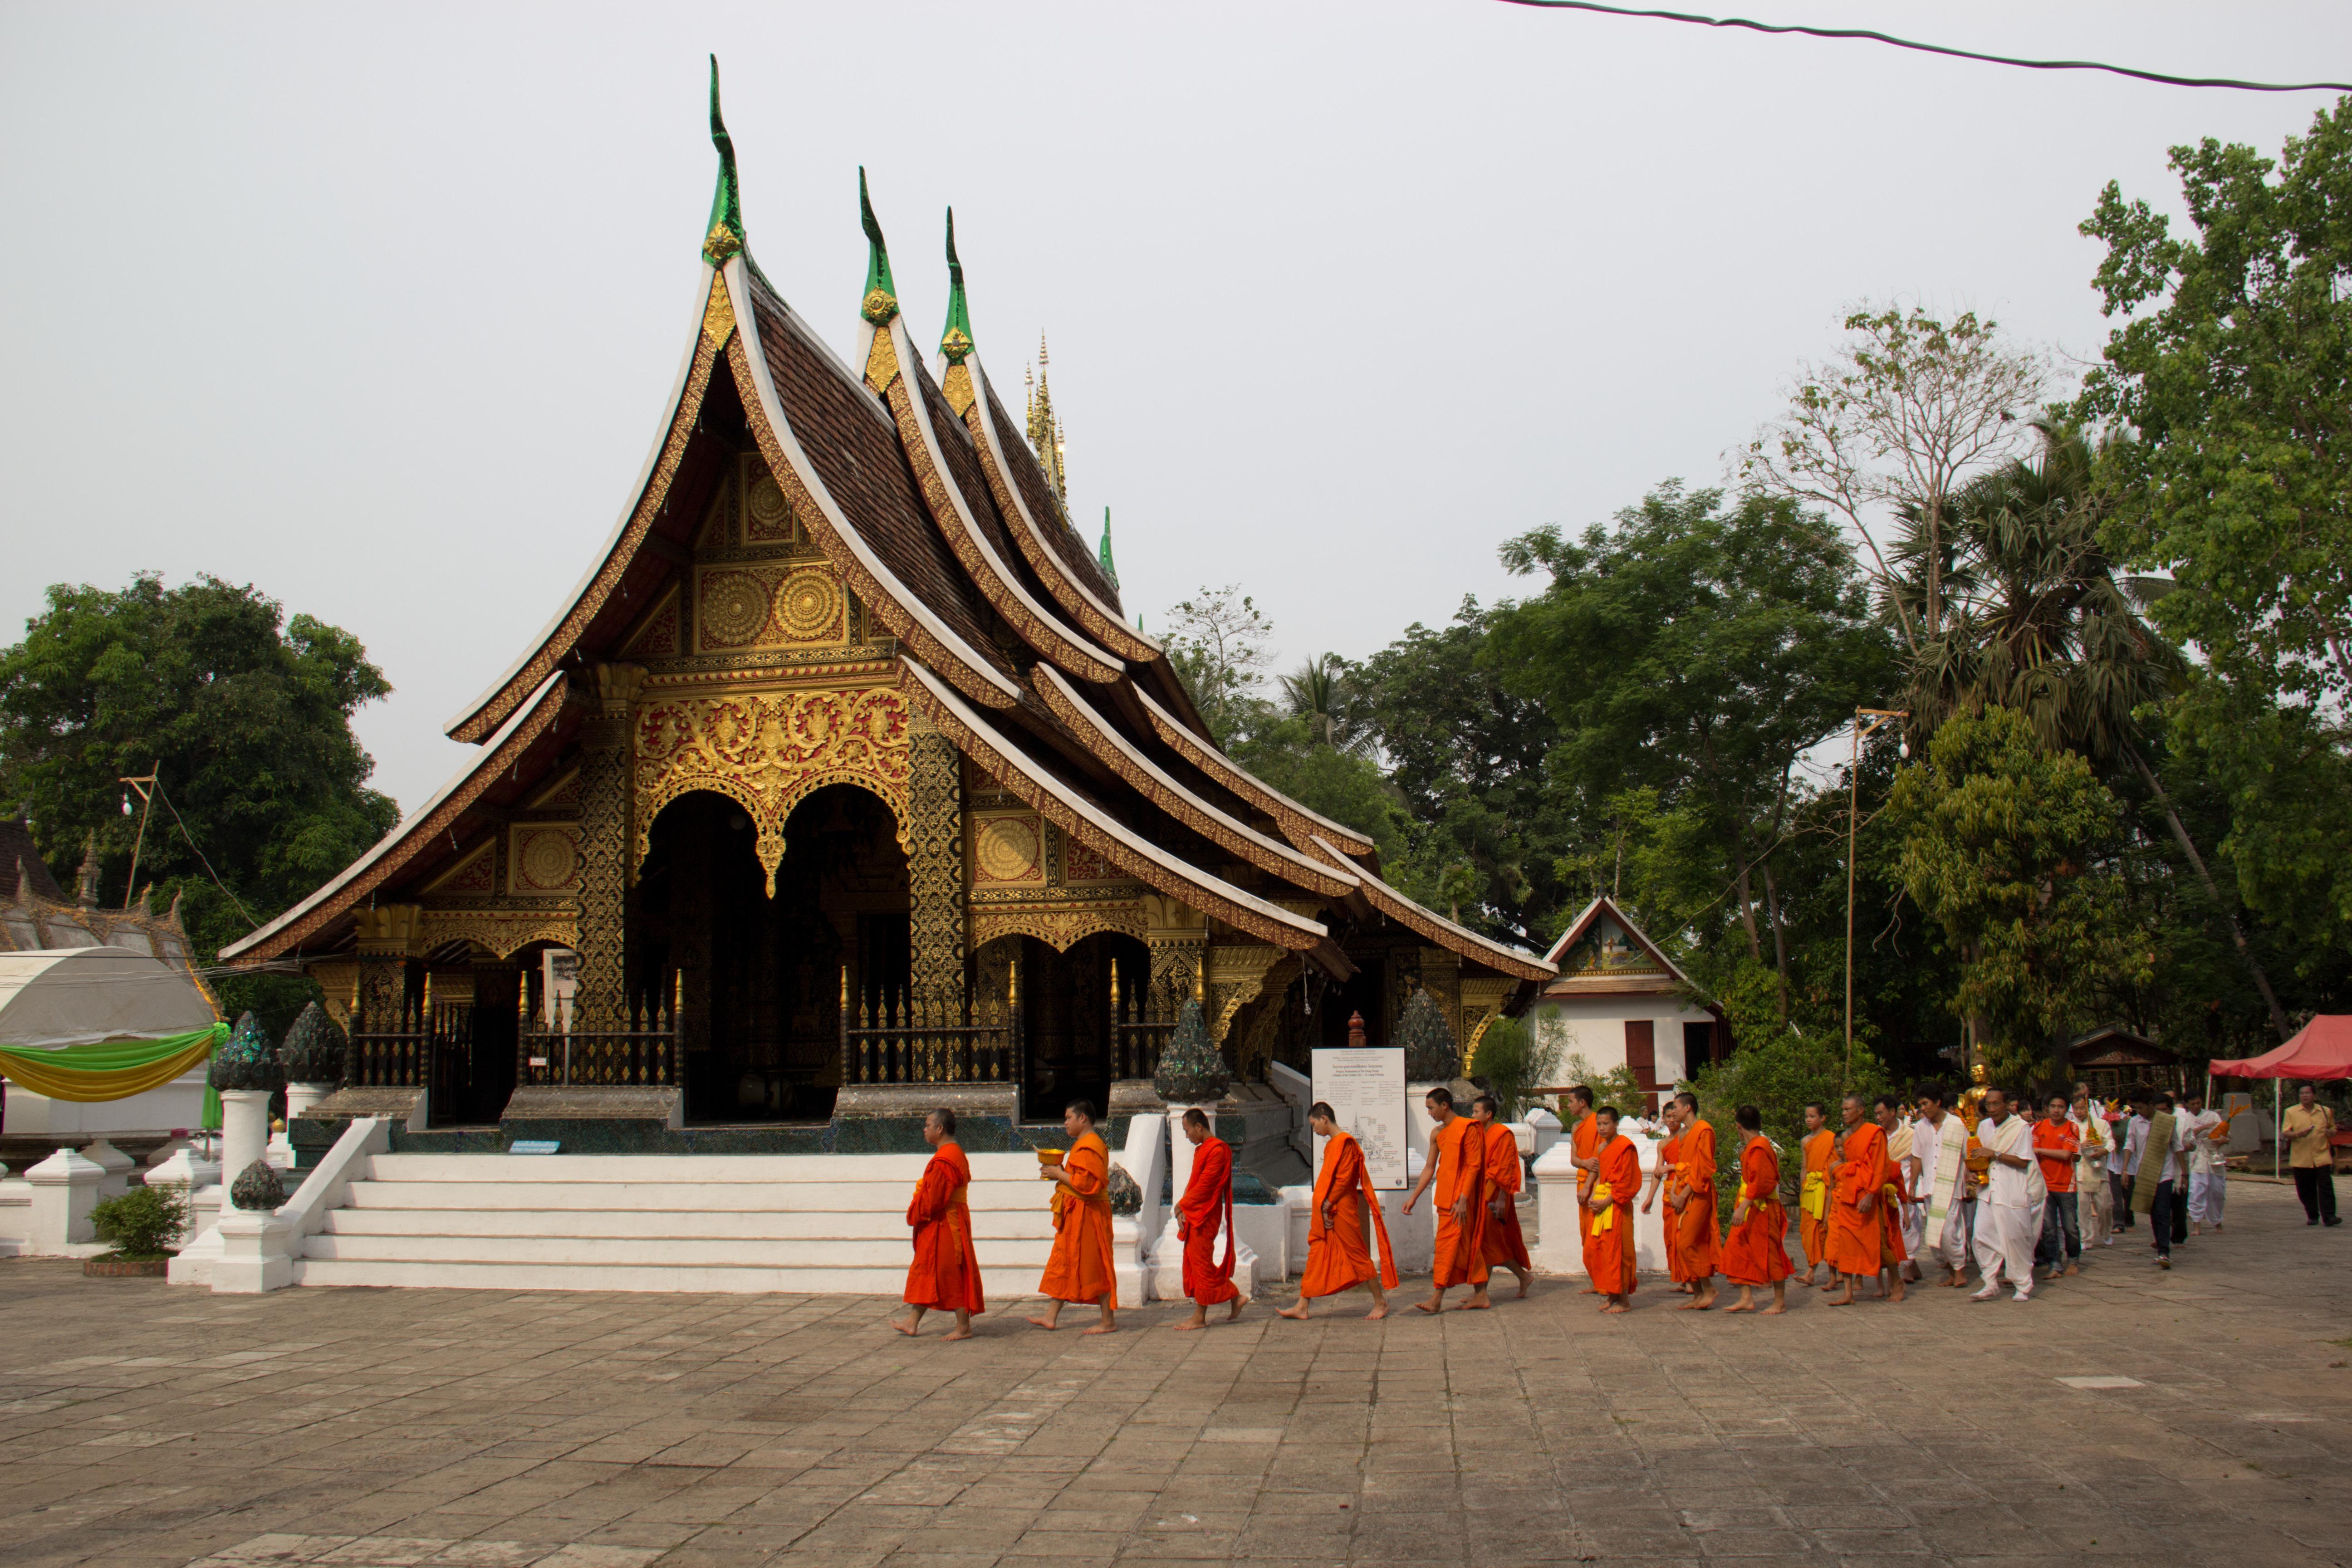 Luang Prabang, photo by Nick Hubbard